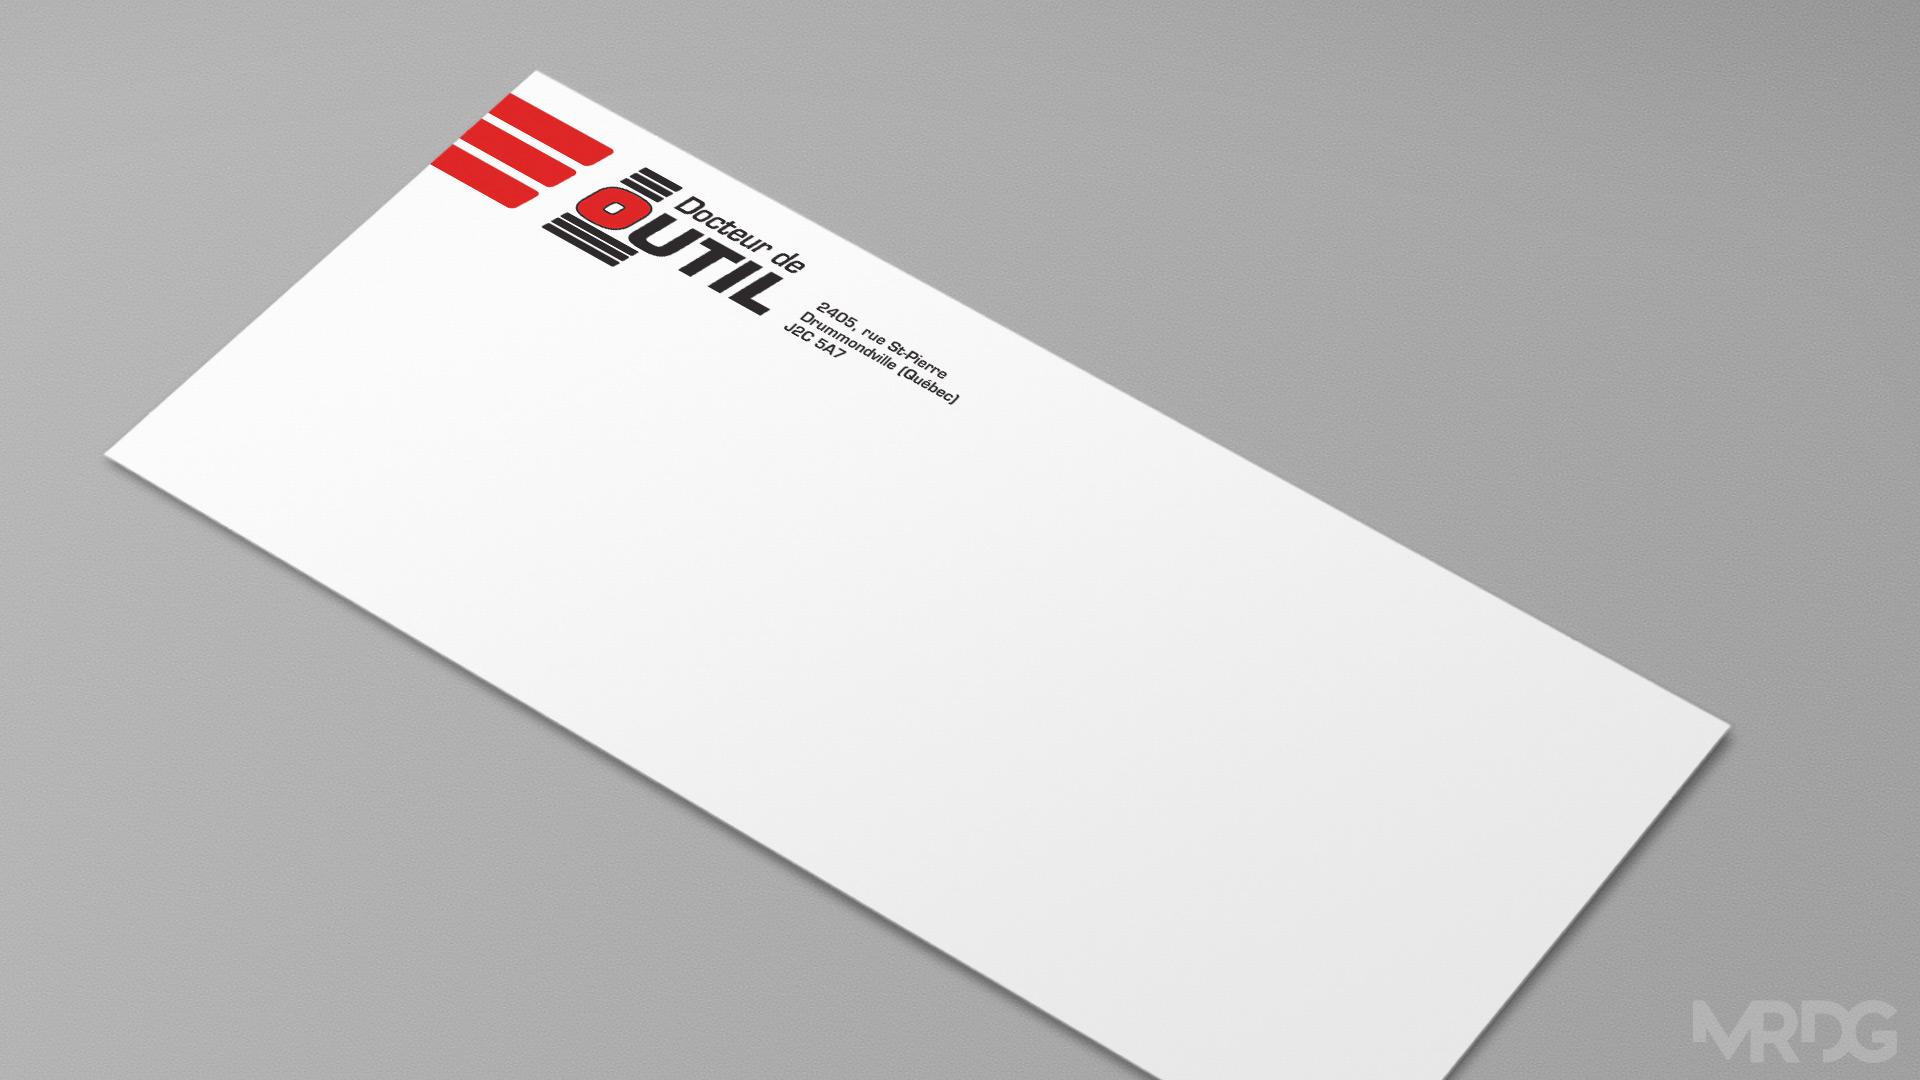 Enveloppe docteur de l 39 outil mrdg for Papeterie drummondville